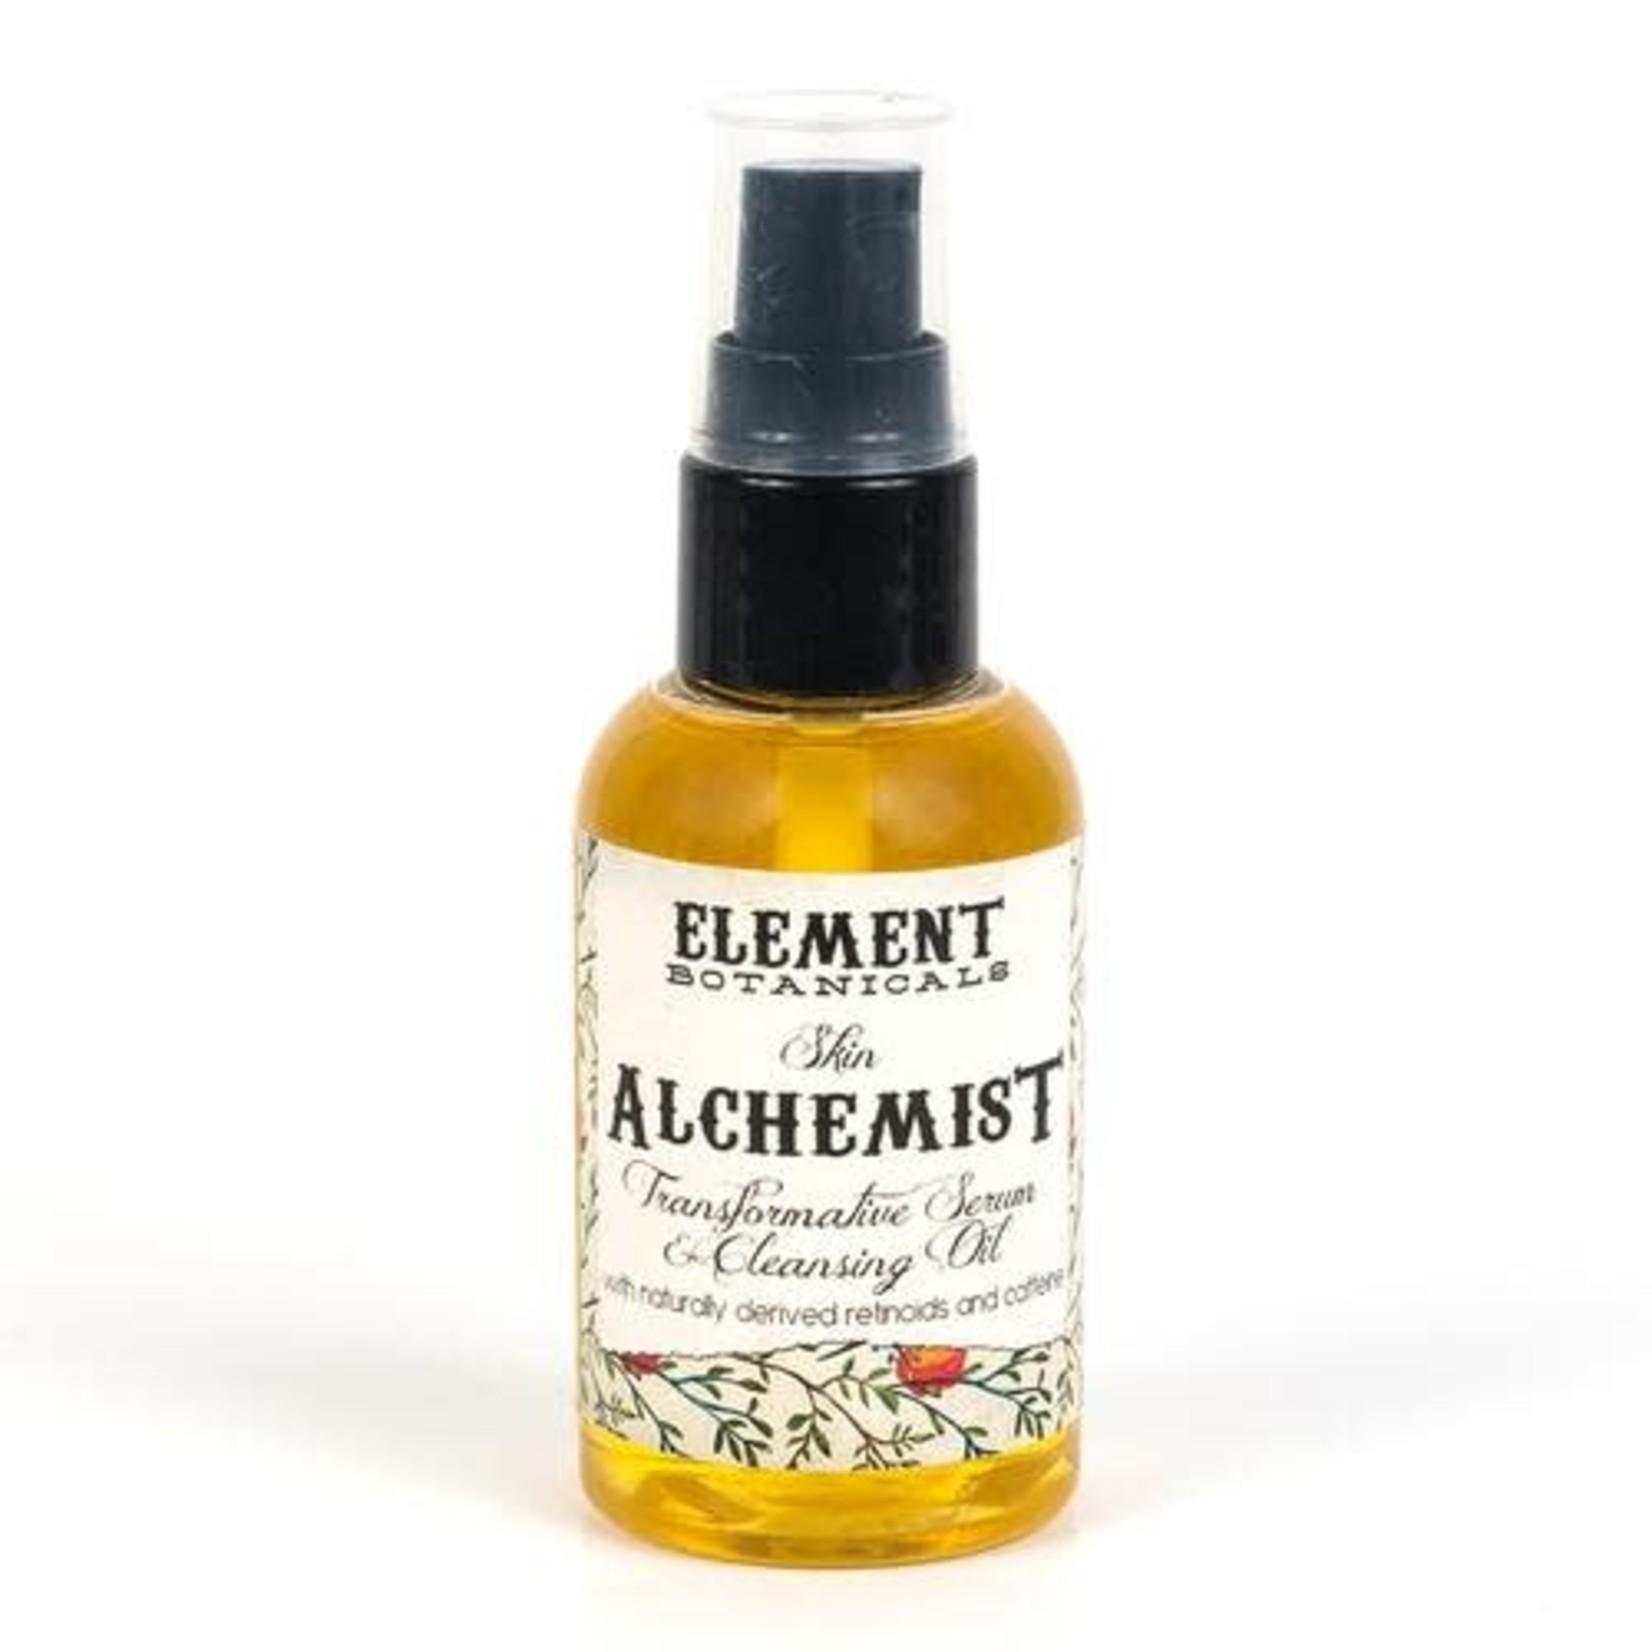 ELEMENT BOTANICALS Skin Alchemist Transformative Serum + Cleansing Oil